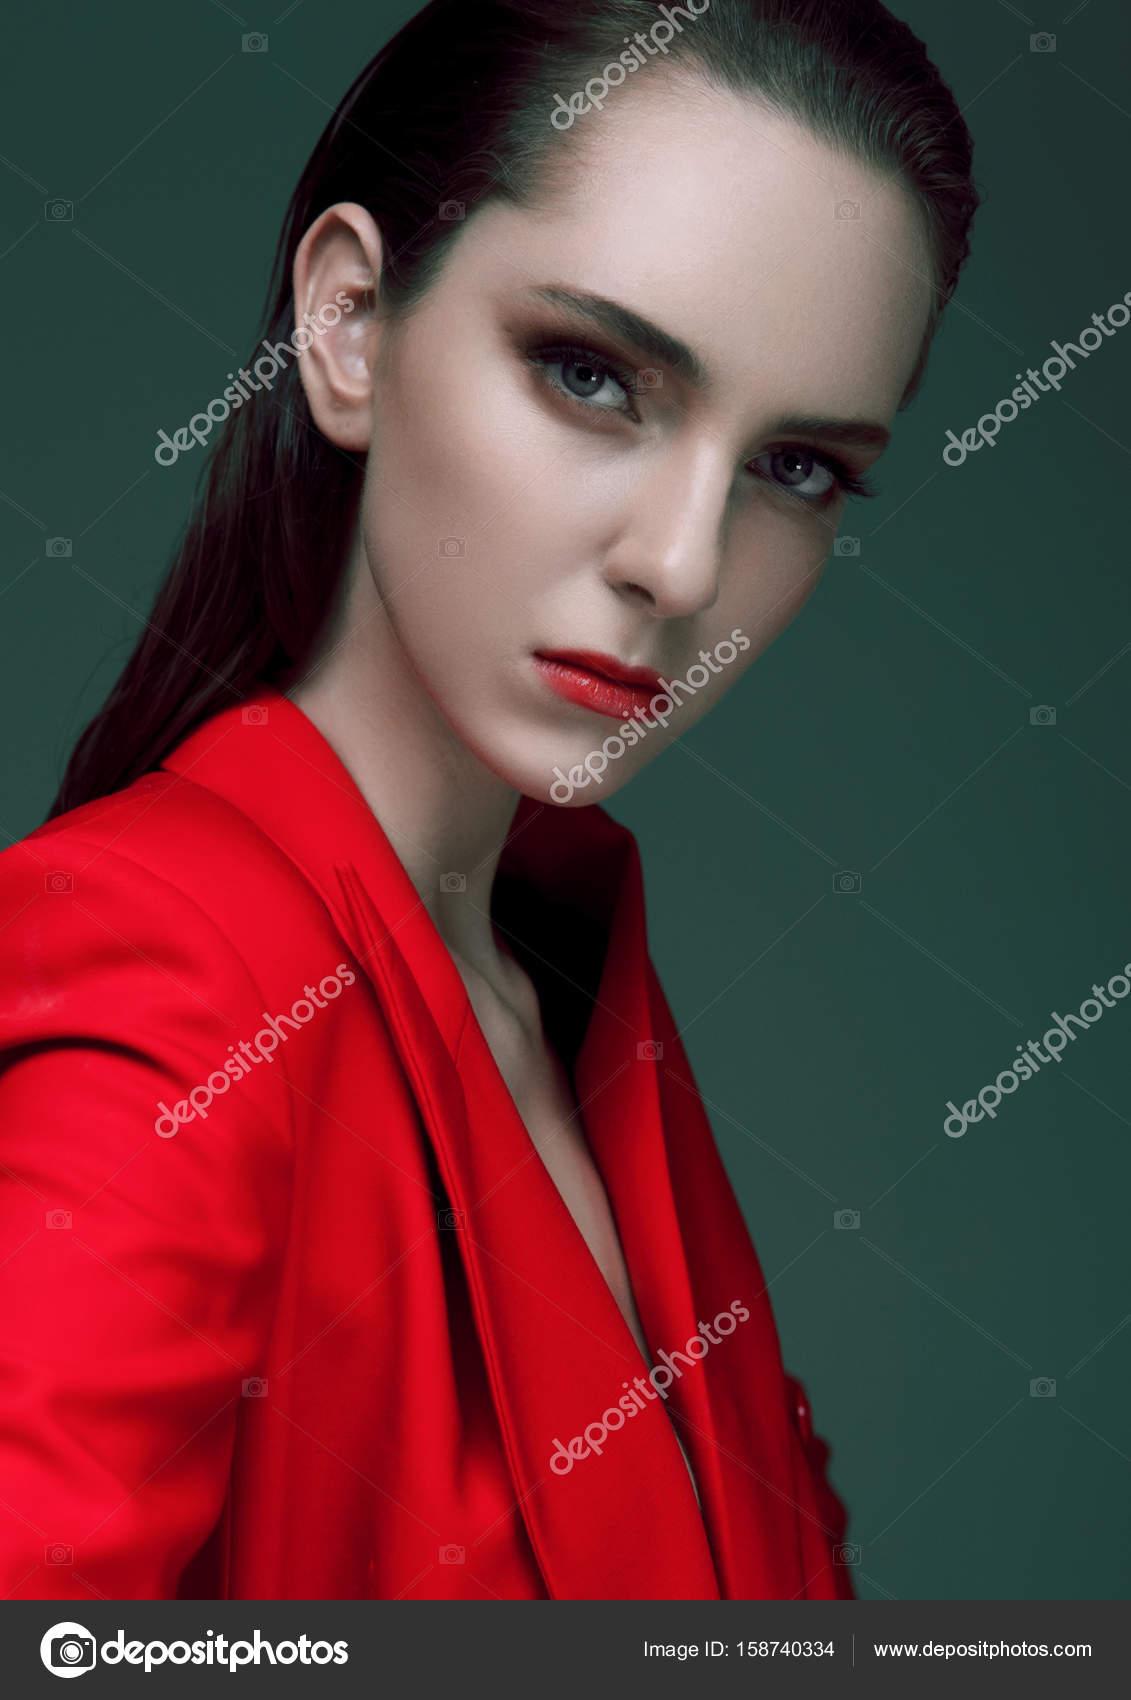 Abrigo pelo largo rojo